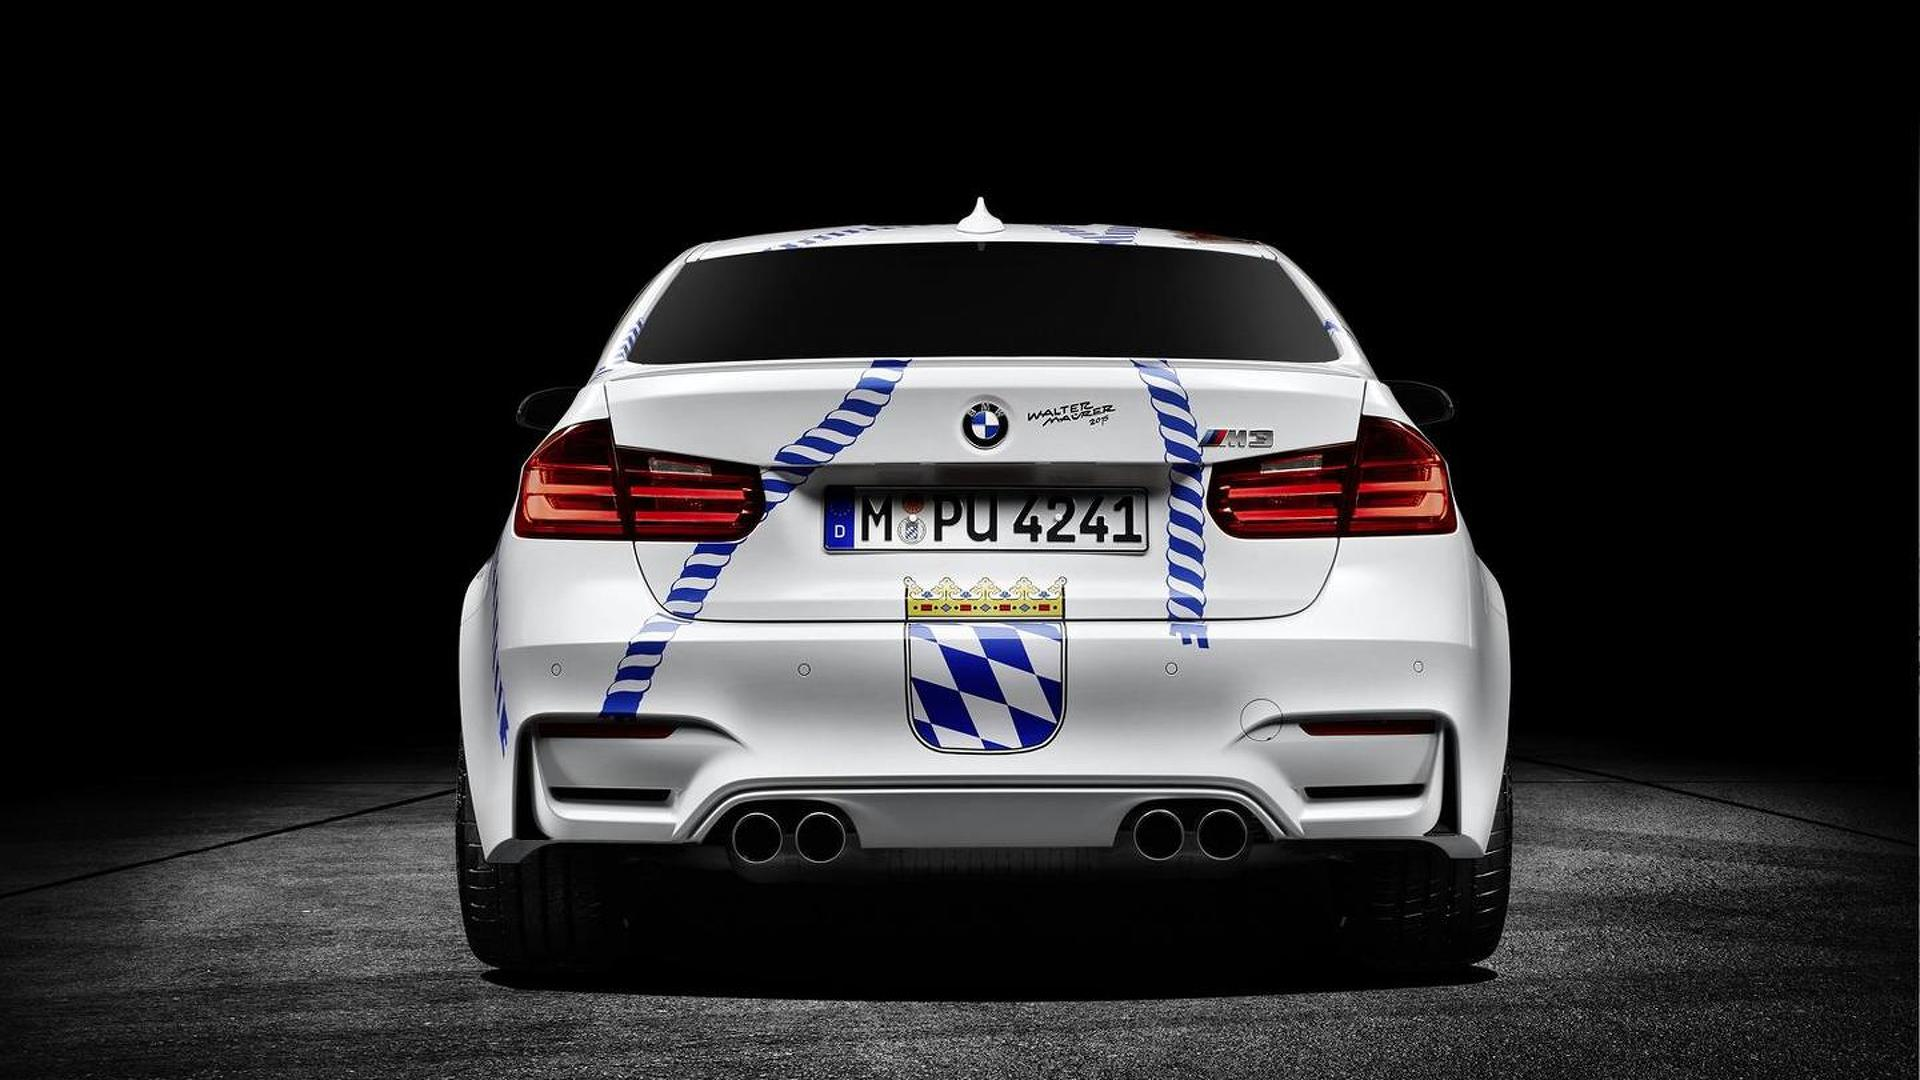 BMW celebrates 2015 Oktoberfest with one-off M3 Münchner ...